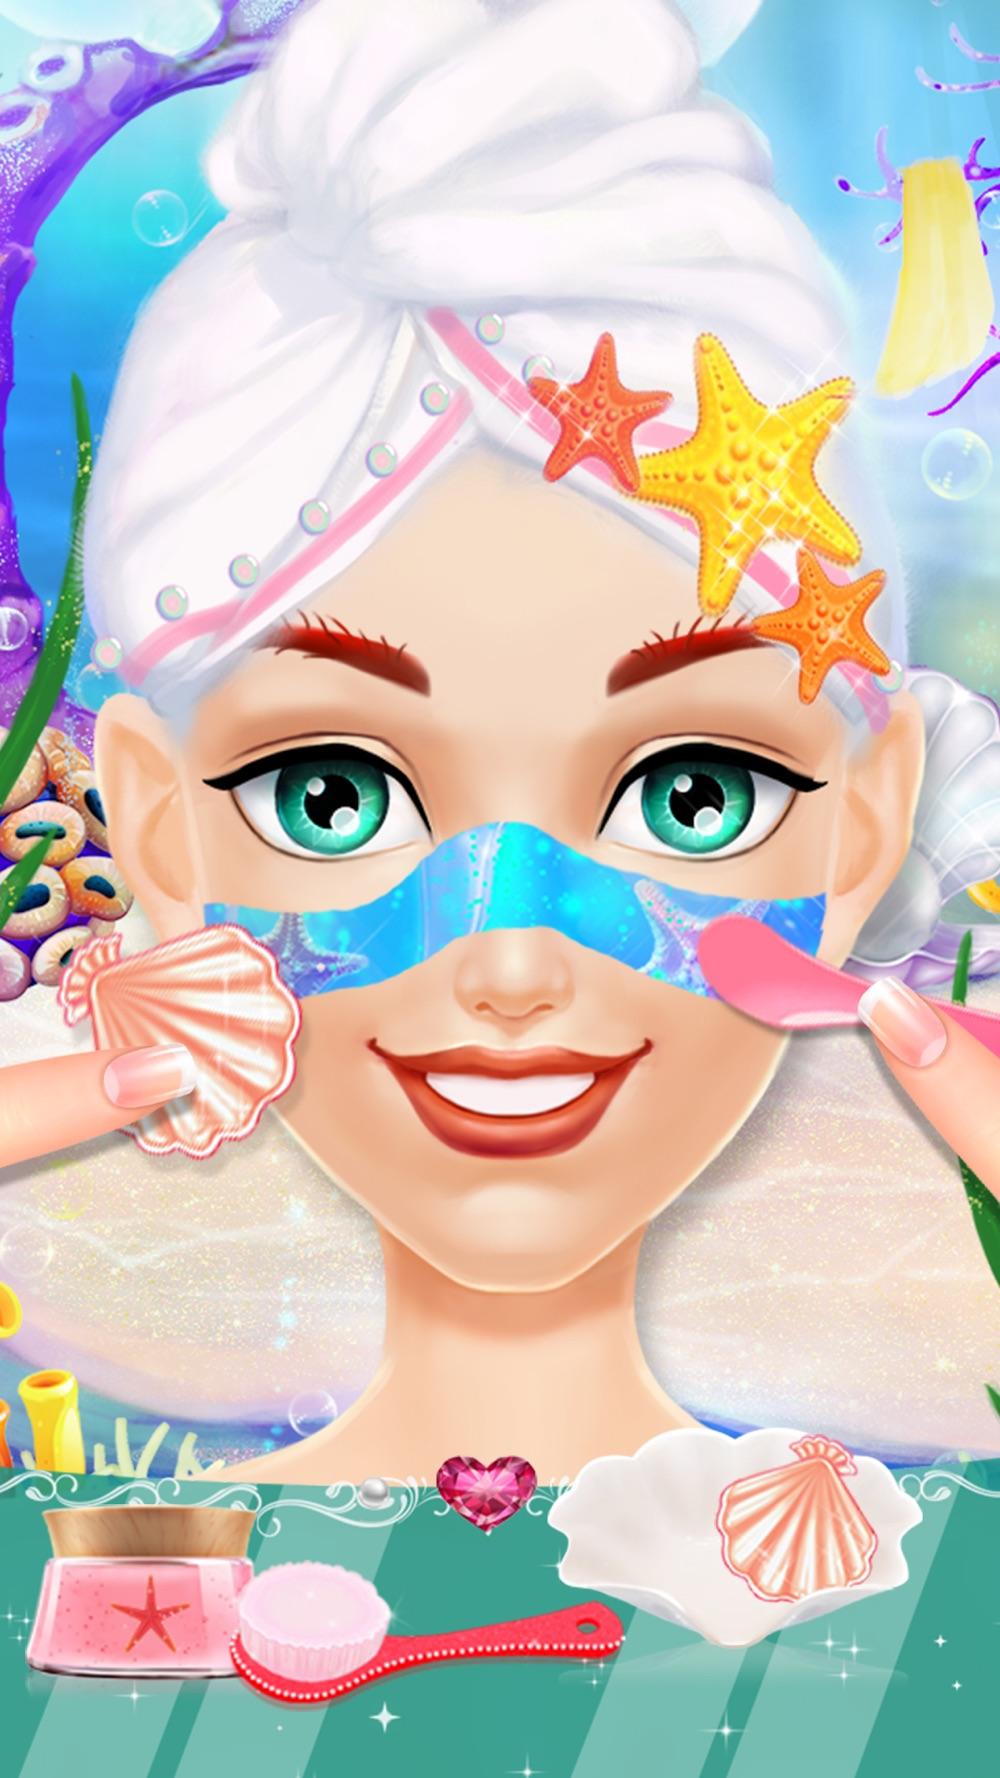 Little Ocean Princess - Mermaid Makeover hack tool